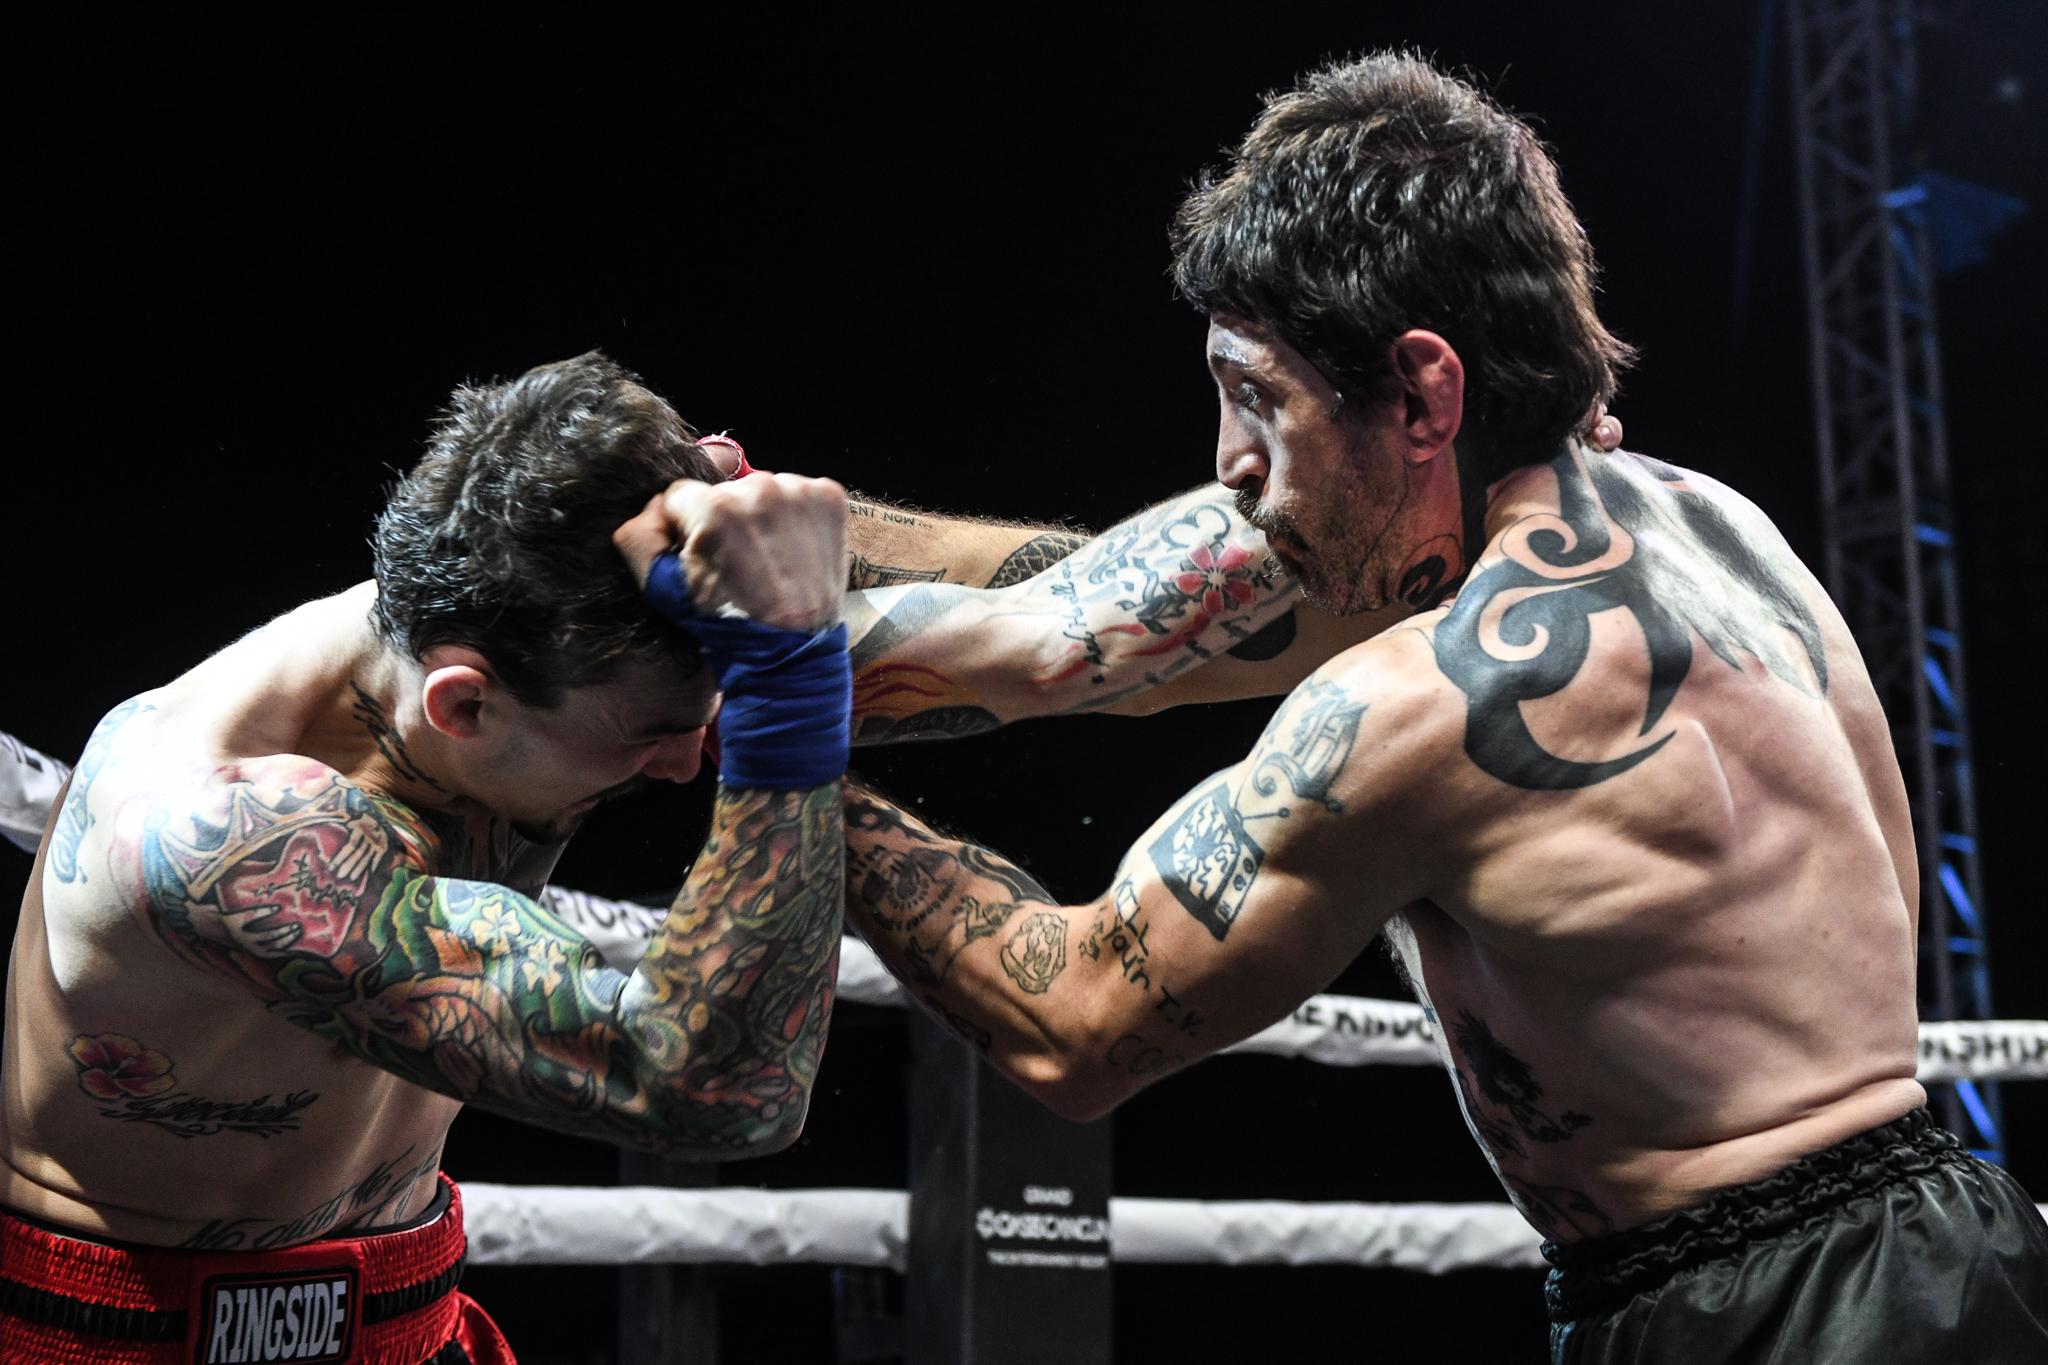 Garijo bertarung melawan Tom Shoaff.